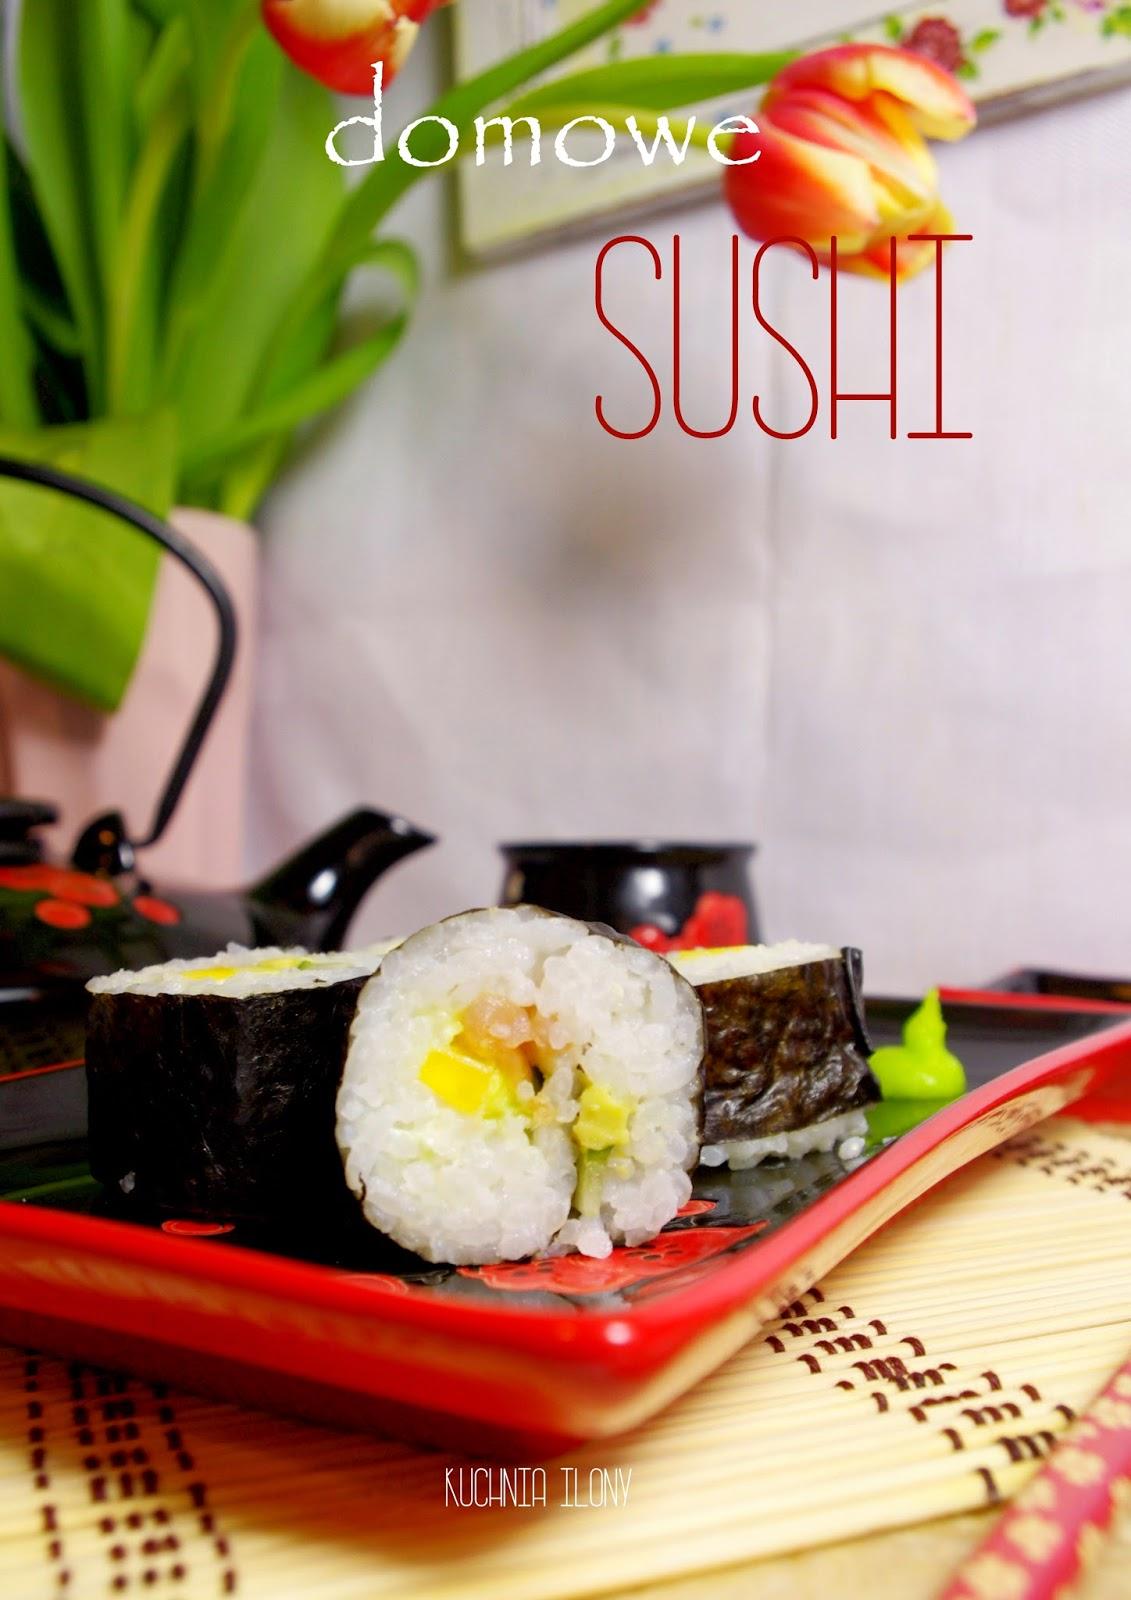 sushi maki domowe, sushi, kuchnia japońska, kuchnia fusion, kuchnia ilony,